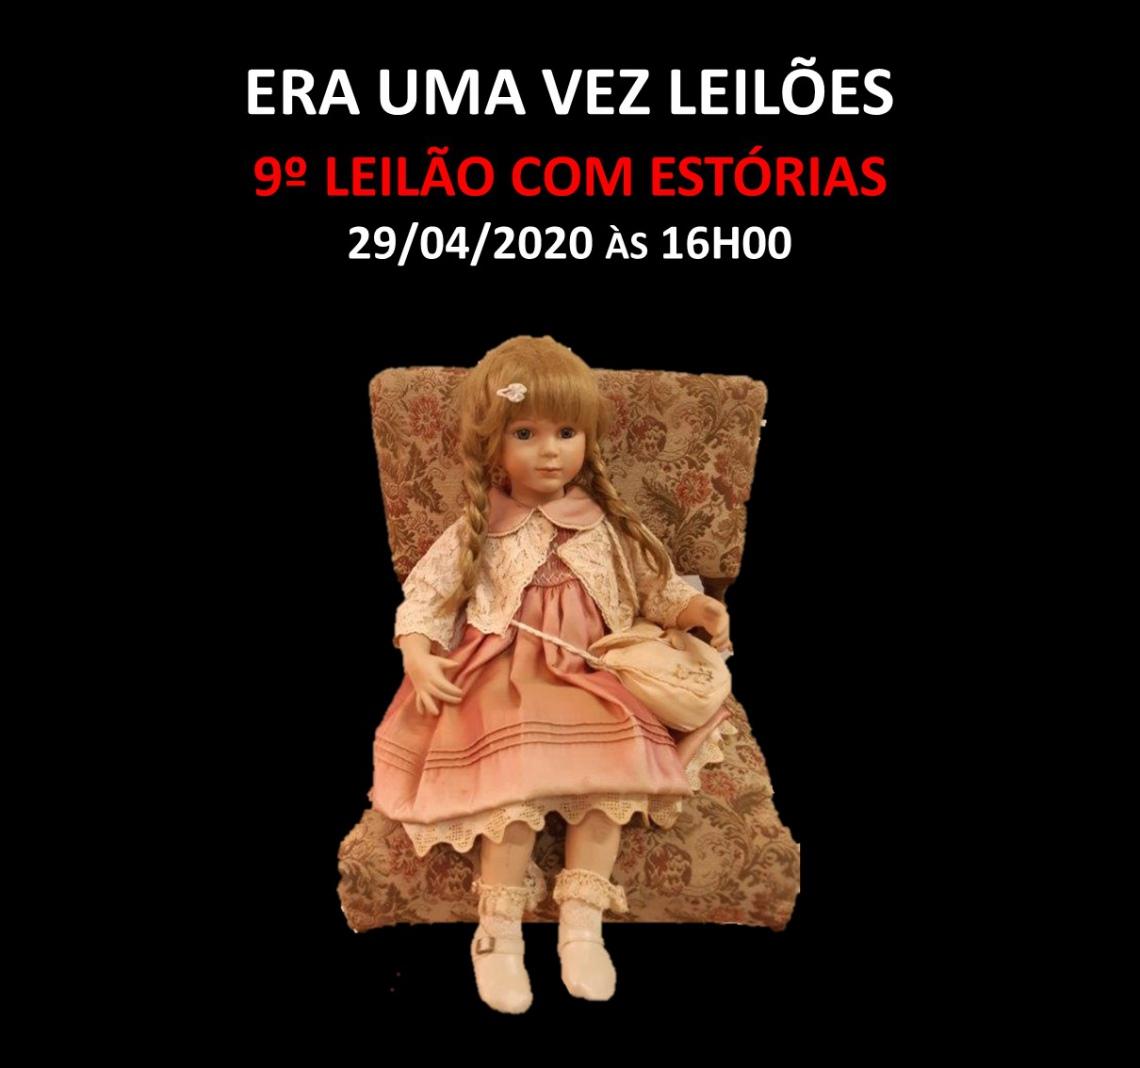 9º LEILÃO COM ESTÓRIAS - 29/04/2020 às 16h00